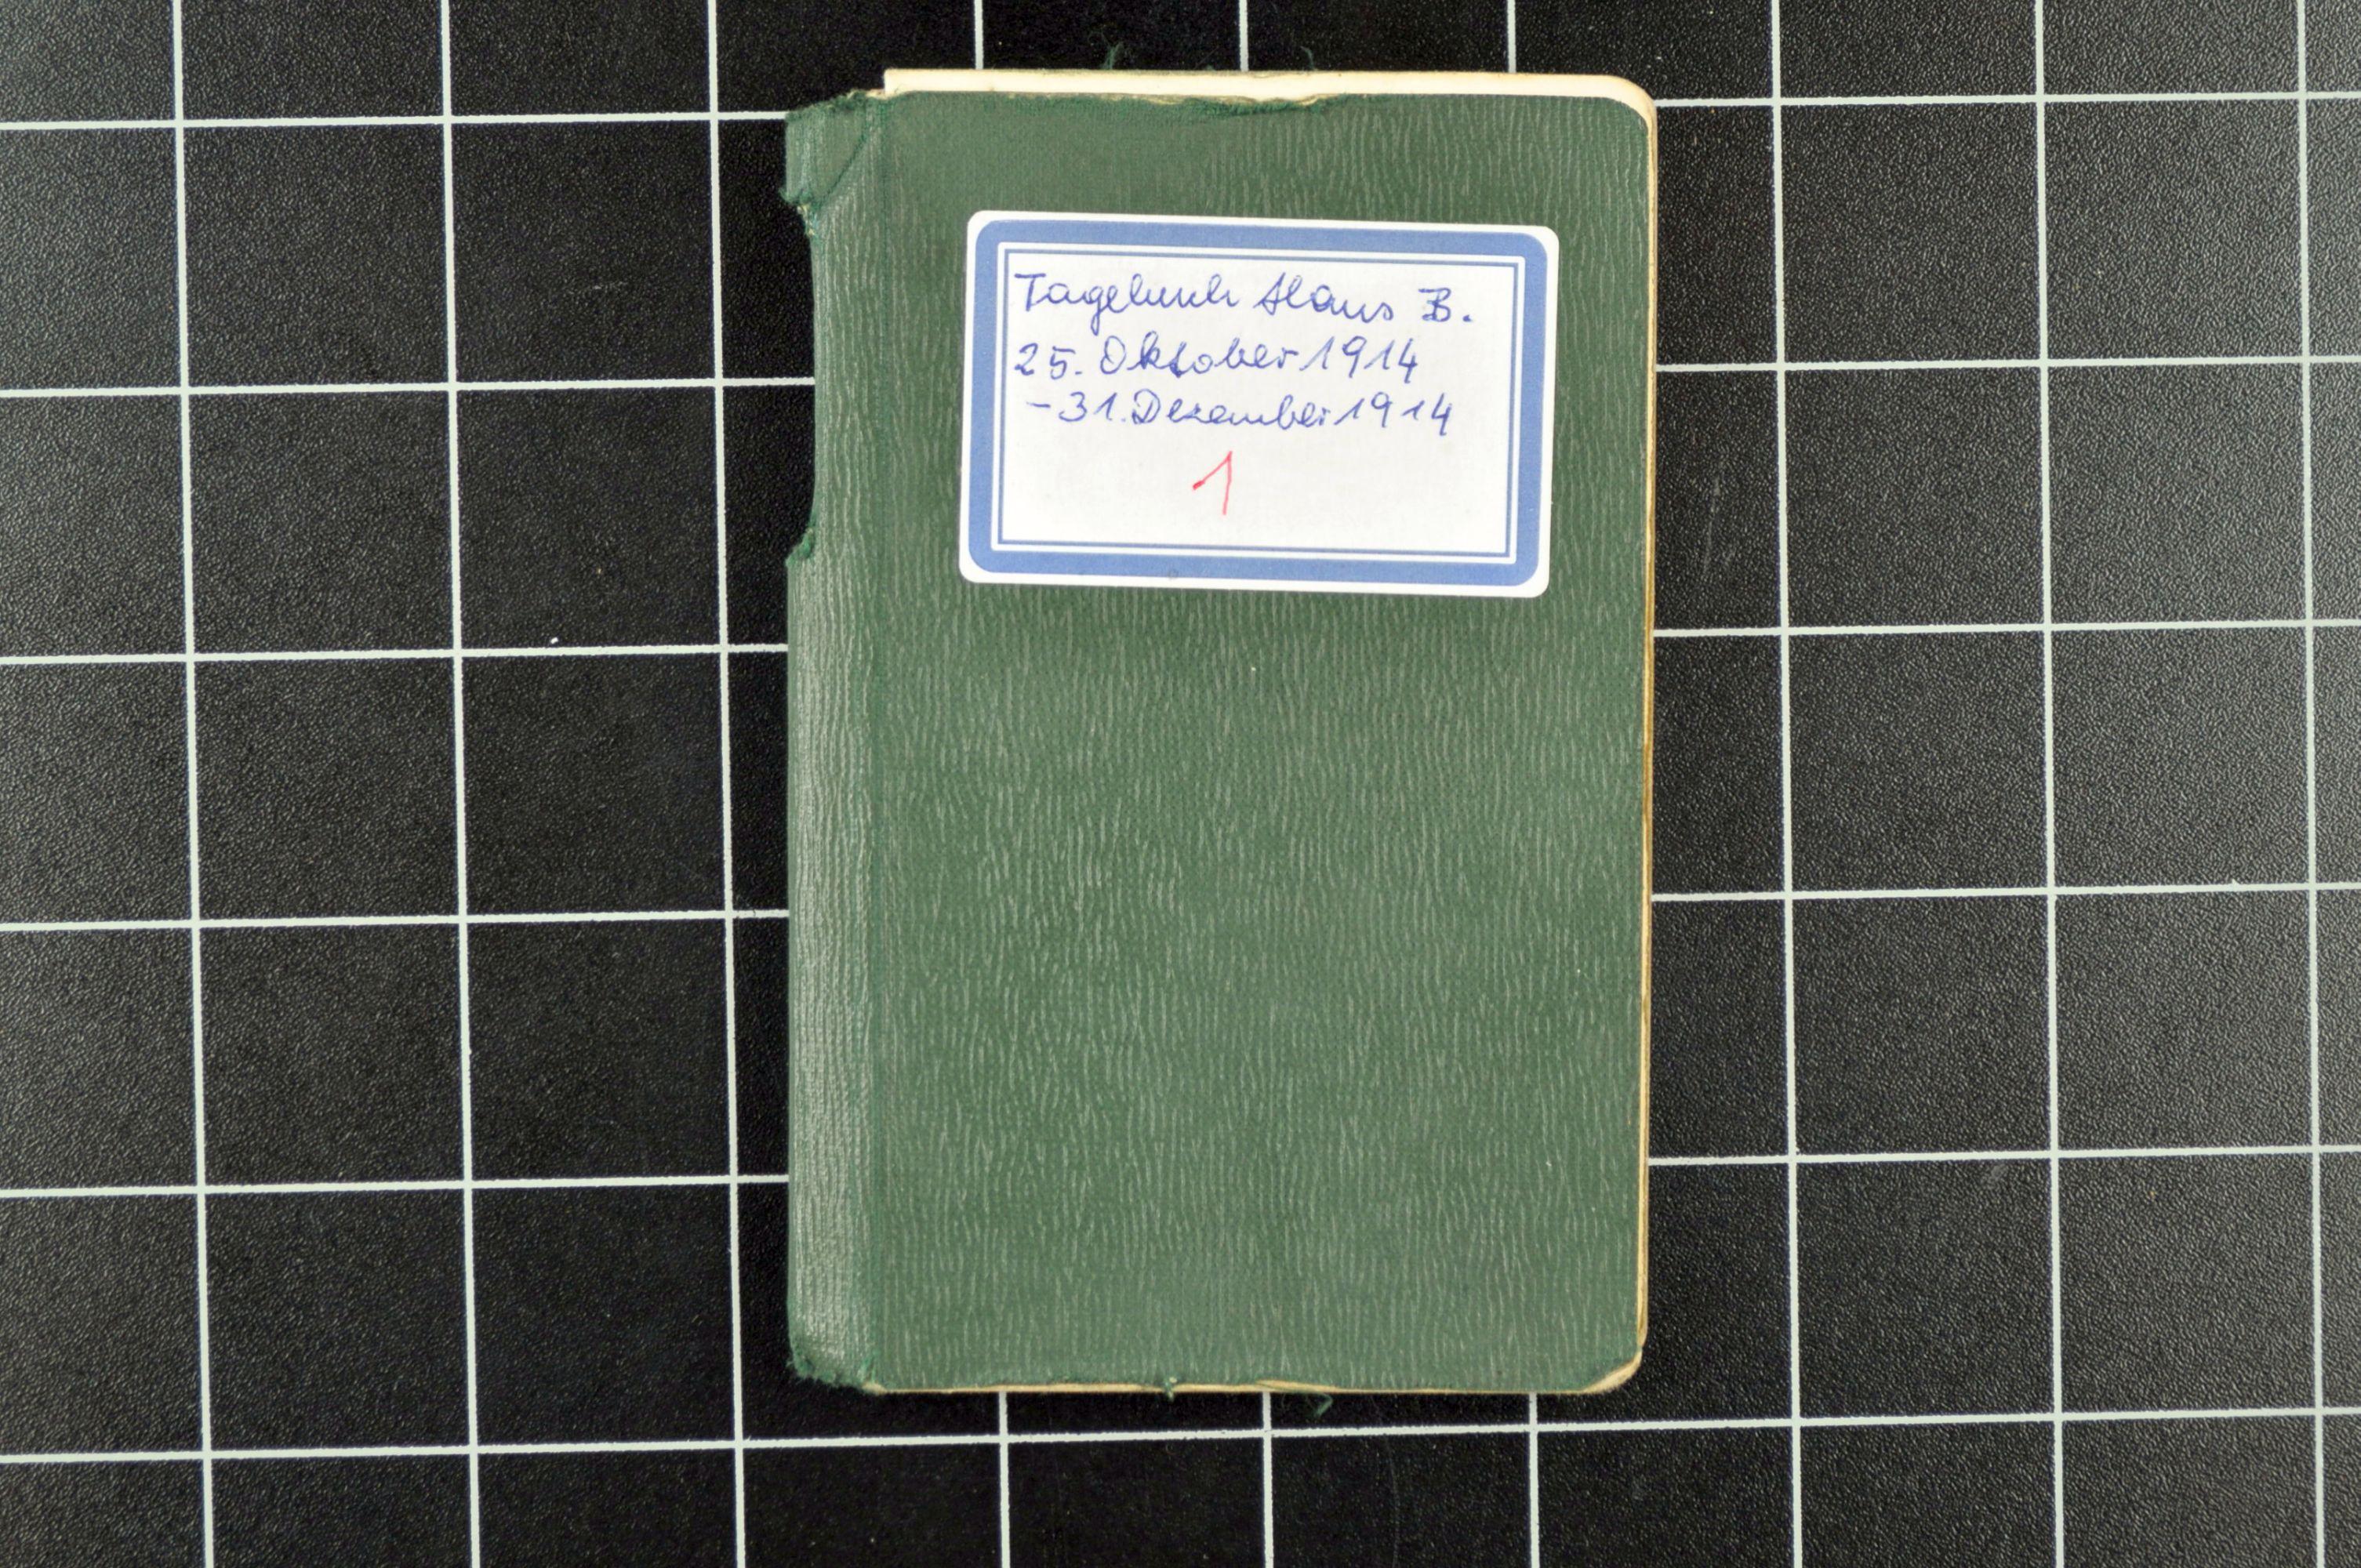 Tagebücher Hans Beck-Mannagetta